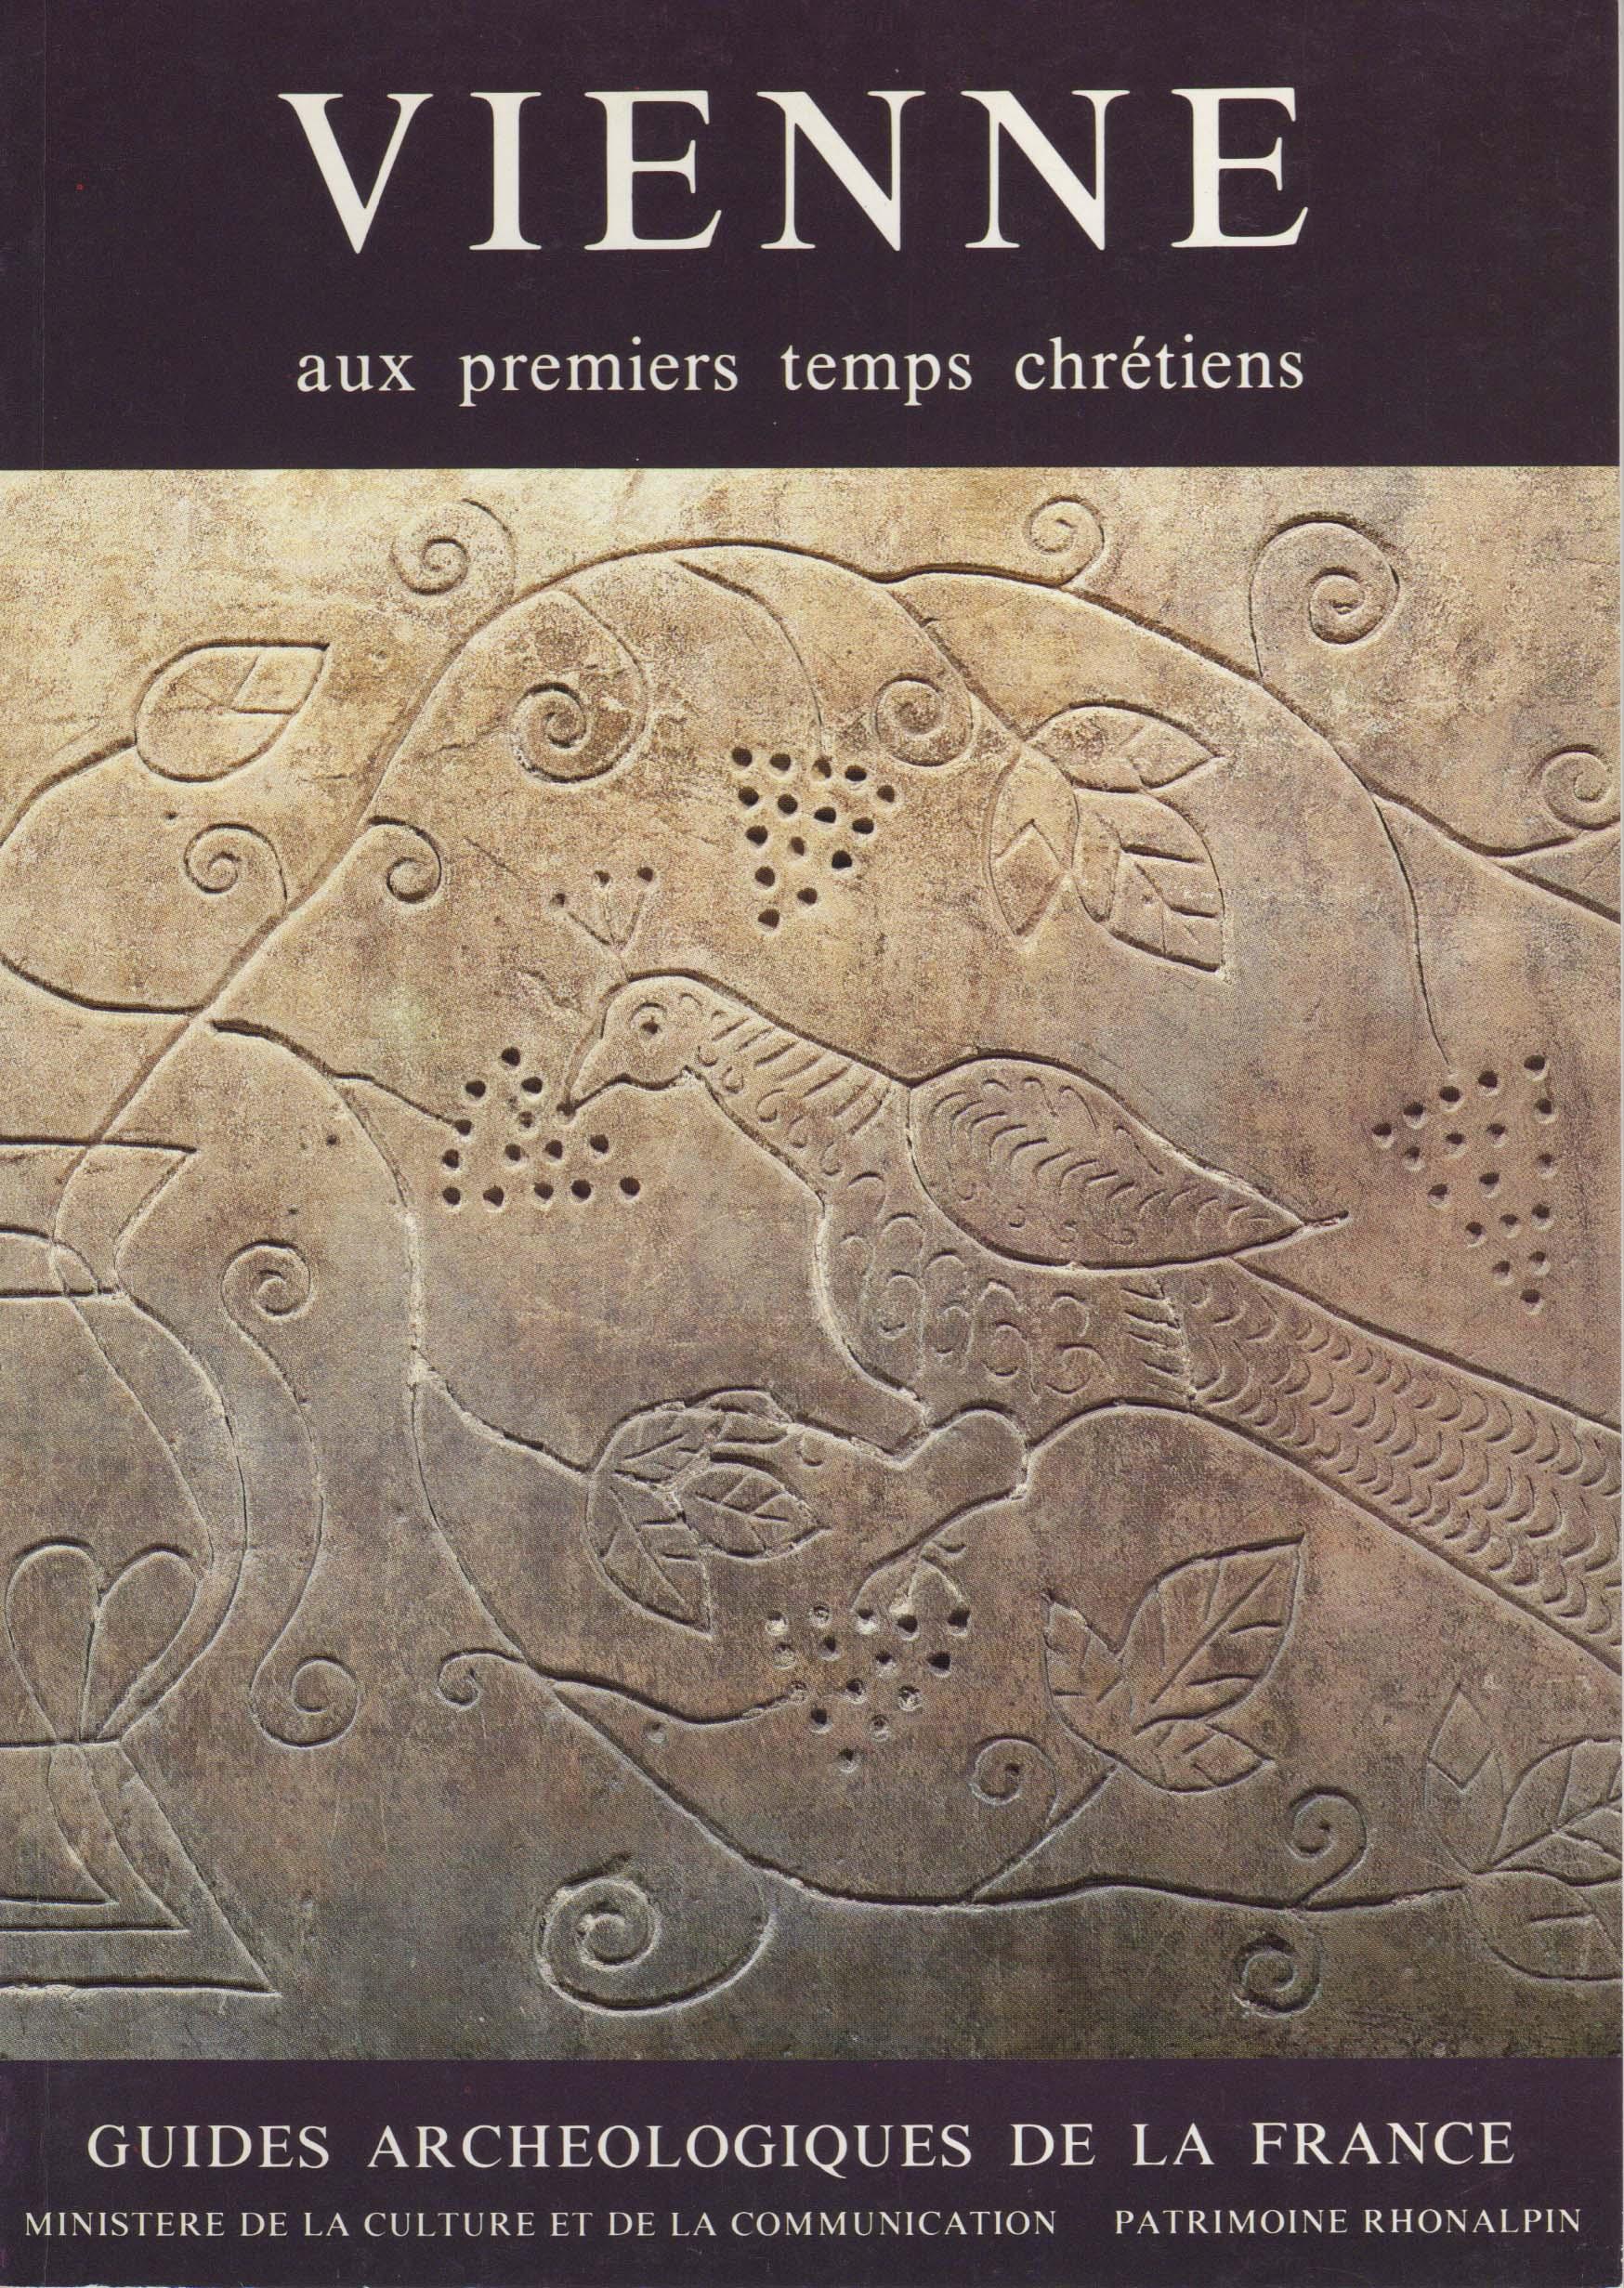 Vienne aux premiers temps chrétiens